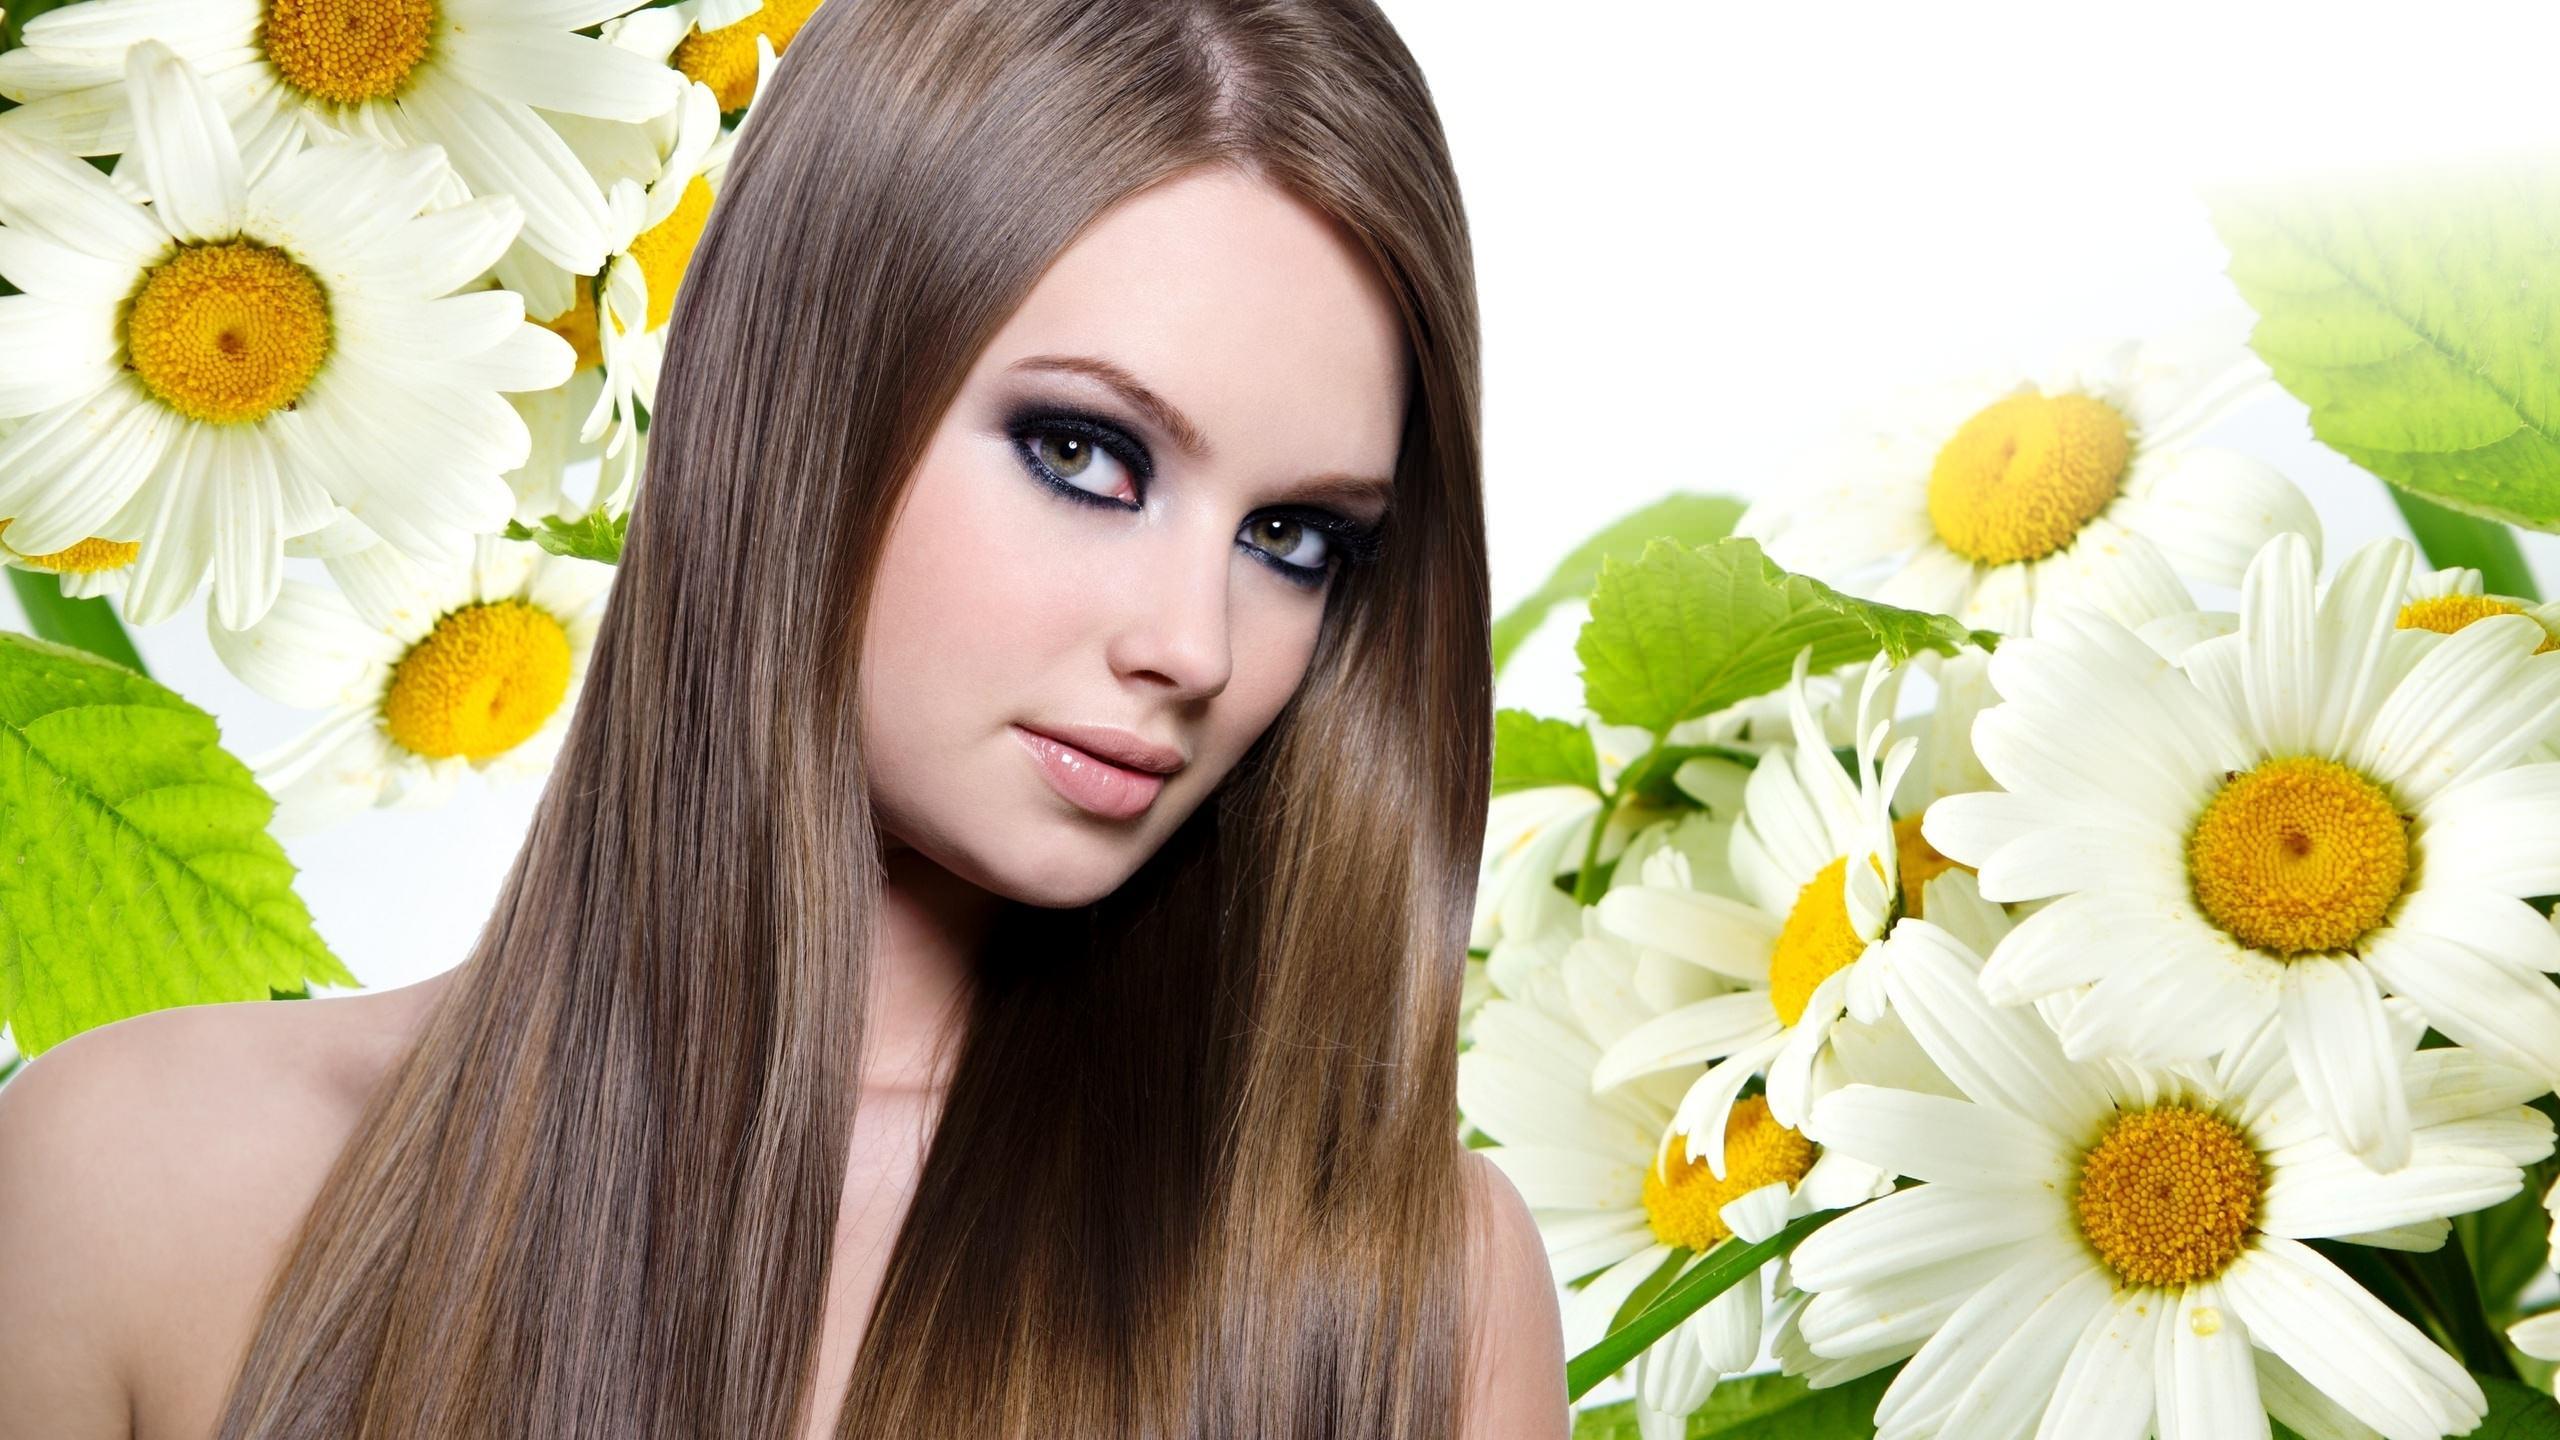 Девушка с русыми, длинными, прямыми волосами на фоне ромашек